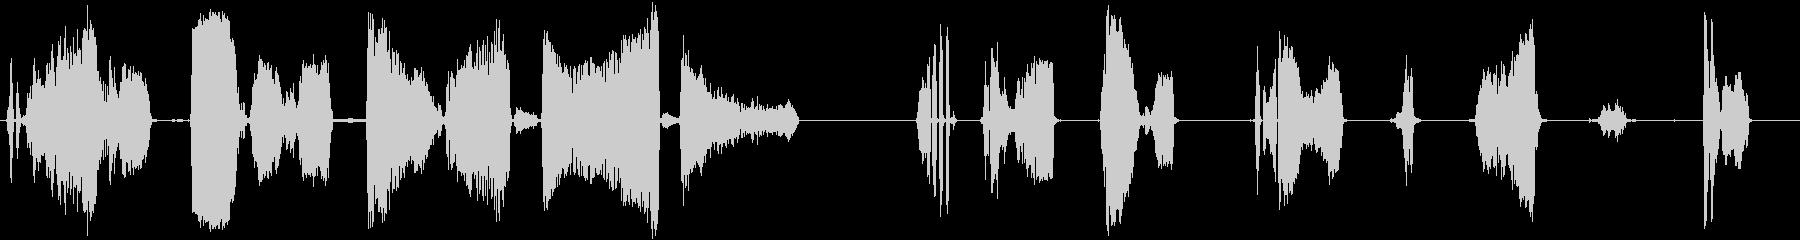 大きな怒ったラットの鳴き声クリーチ...の未再生の波形